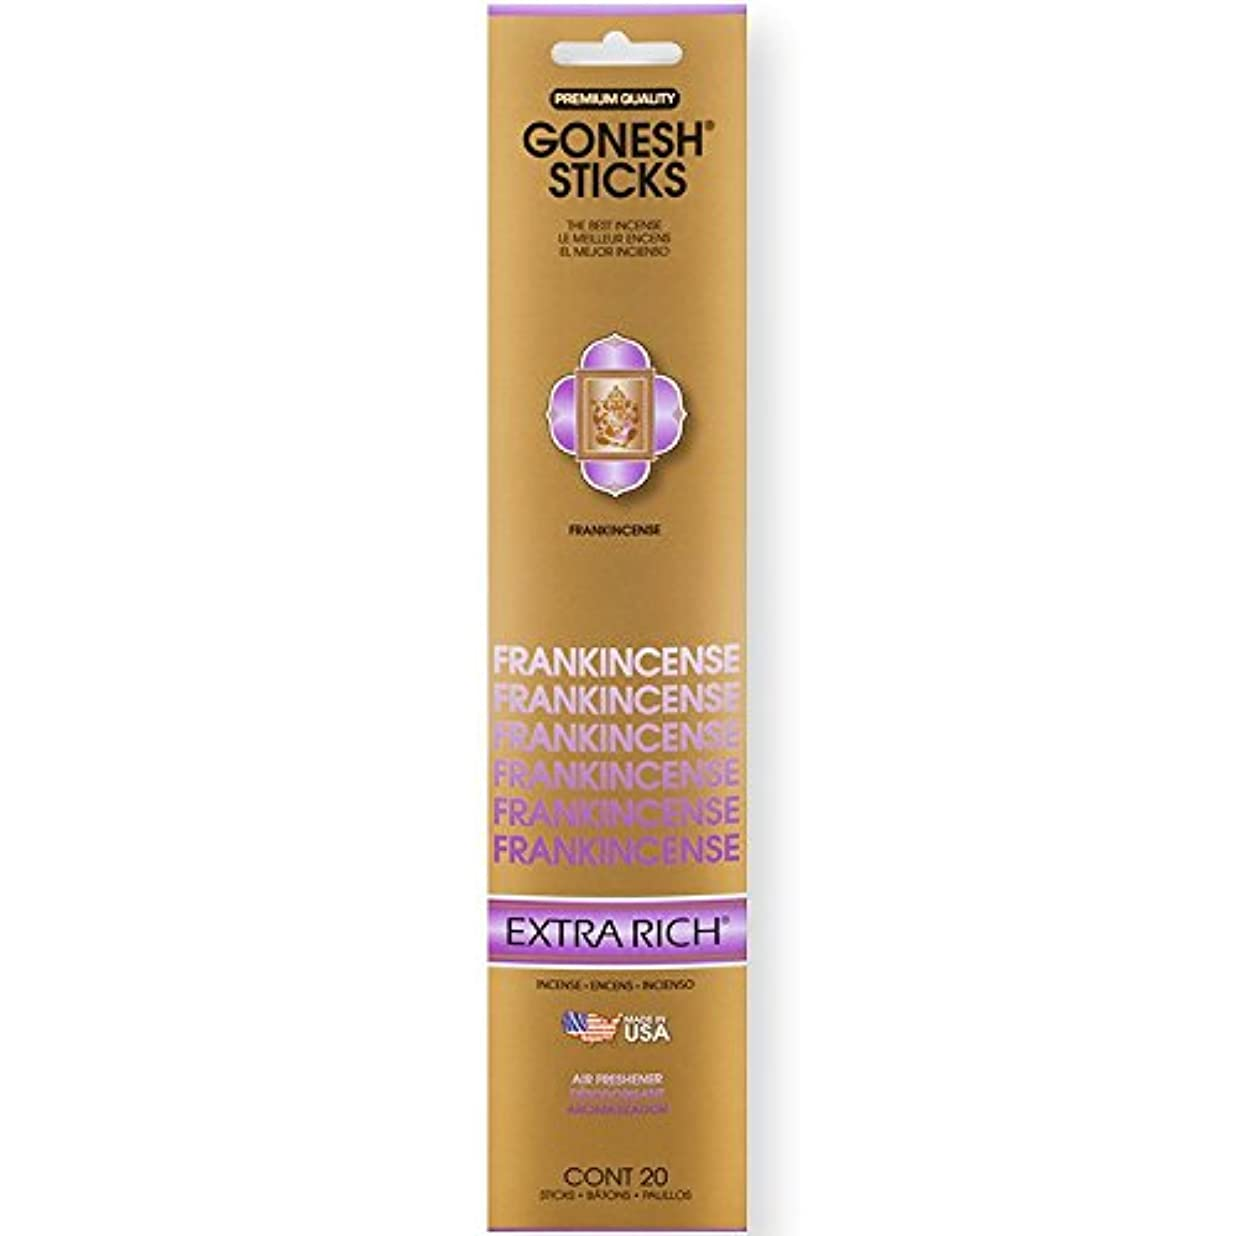 残りアライアンス回路Gonesh Incense Sticks Extra Richコレクションバルク – Frankincense 12パック合計240 )